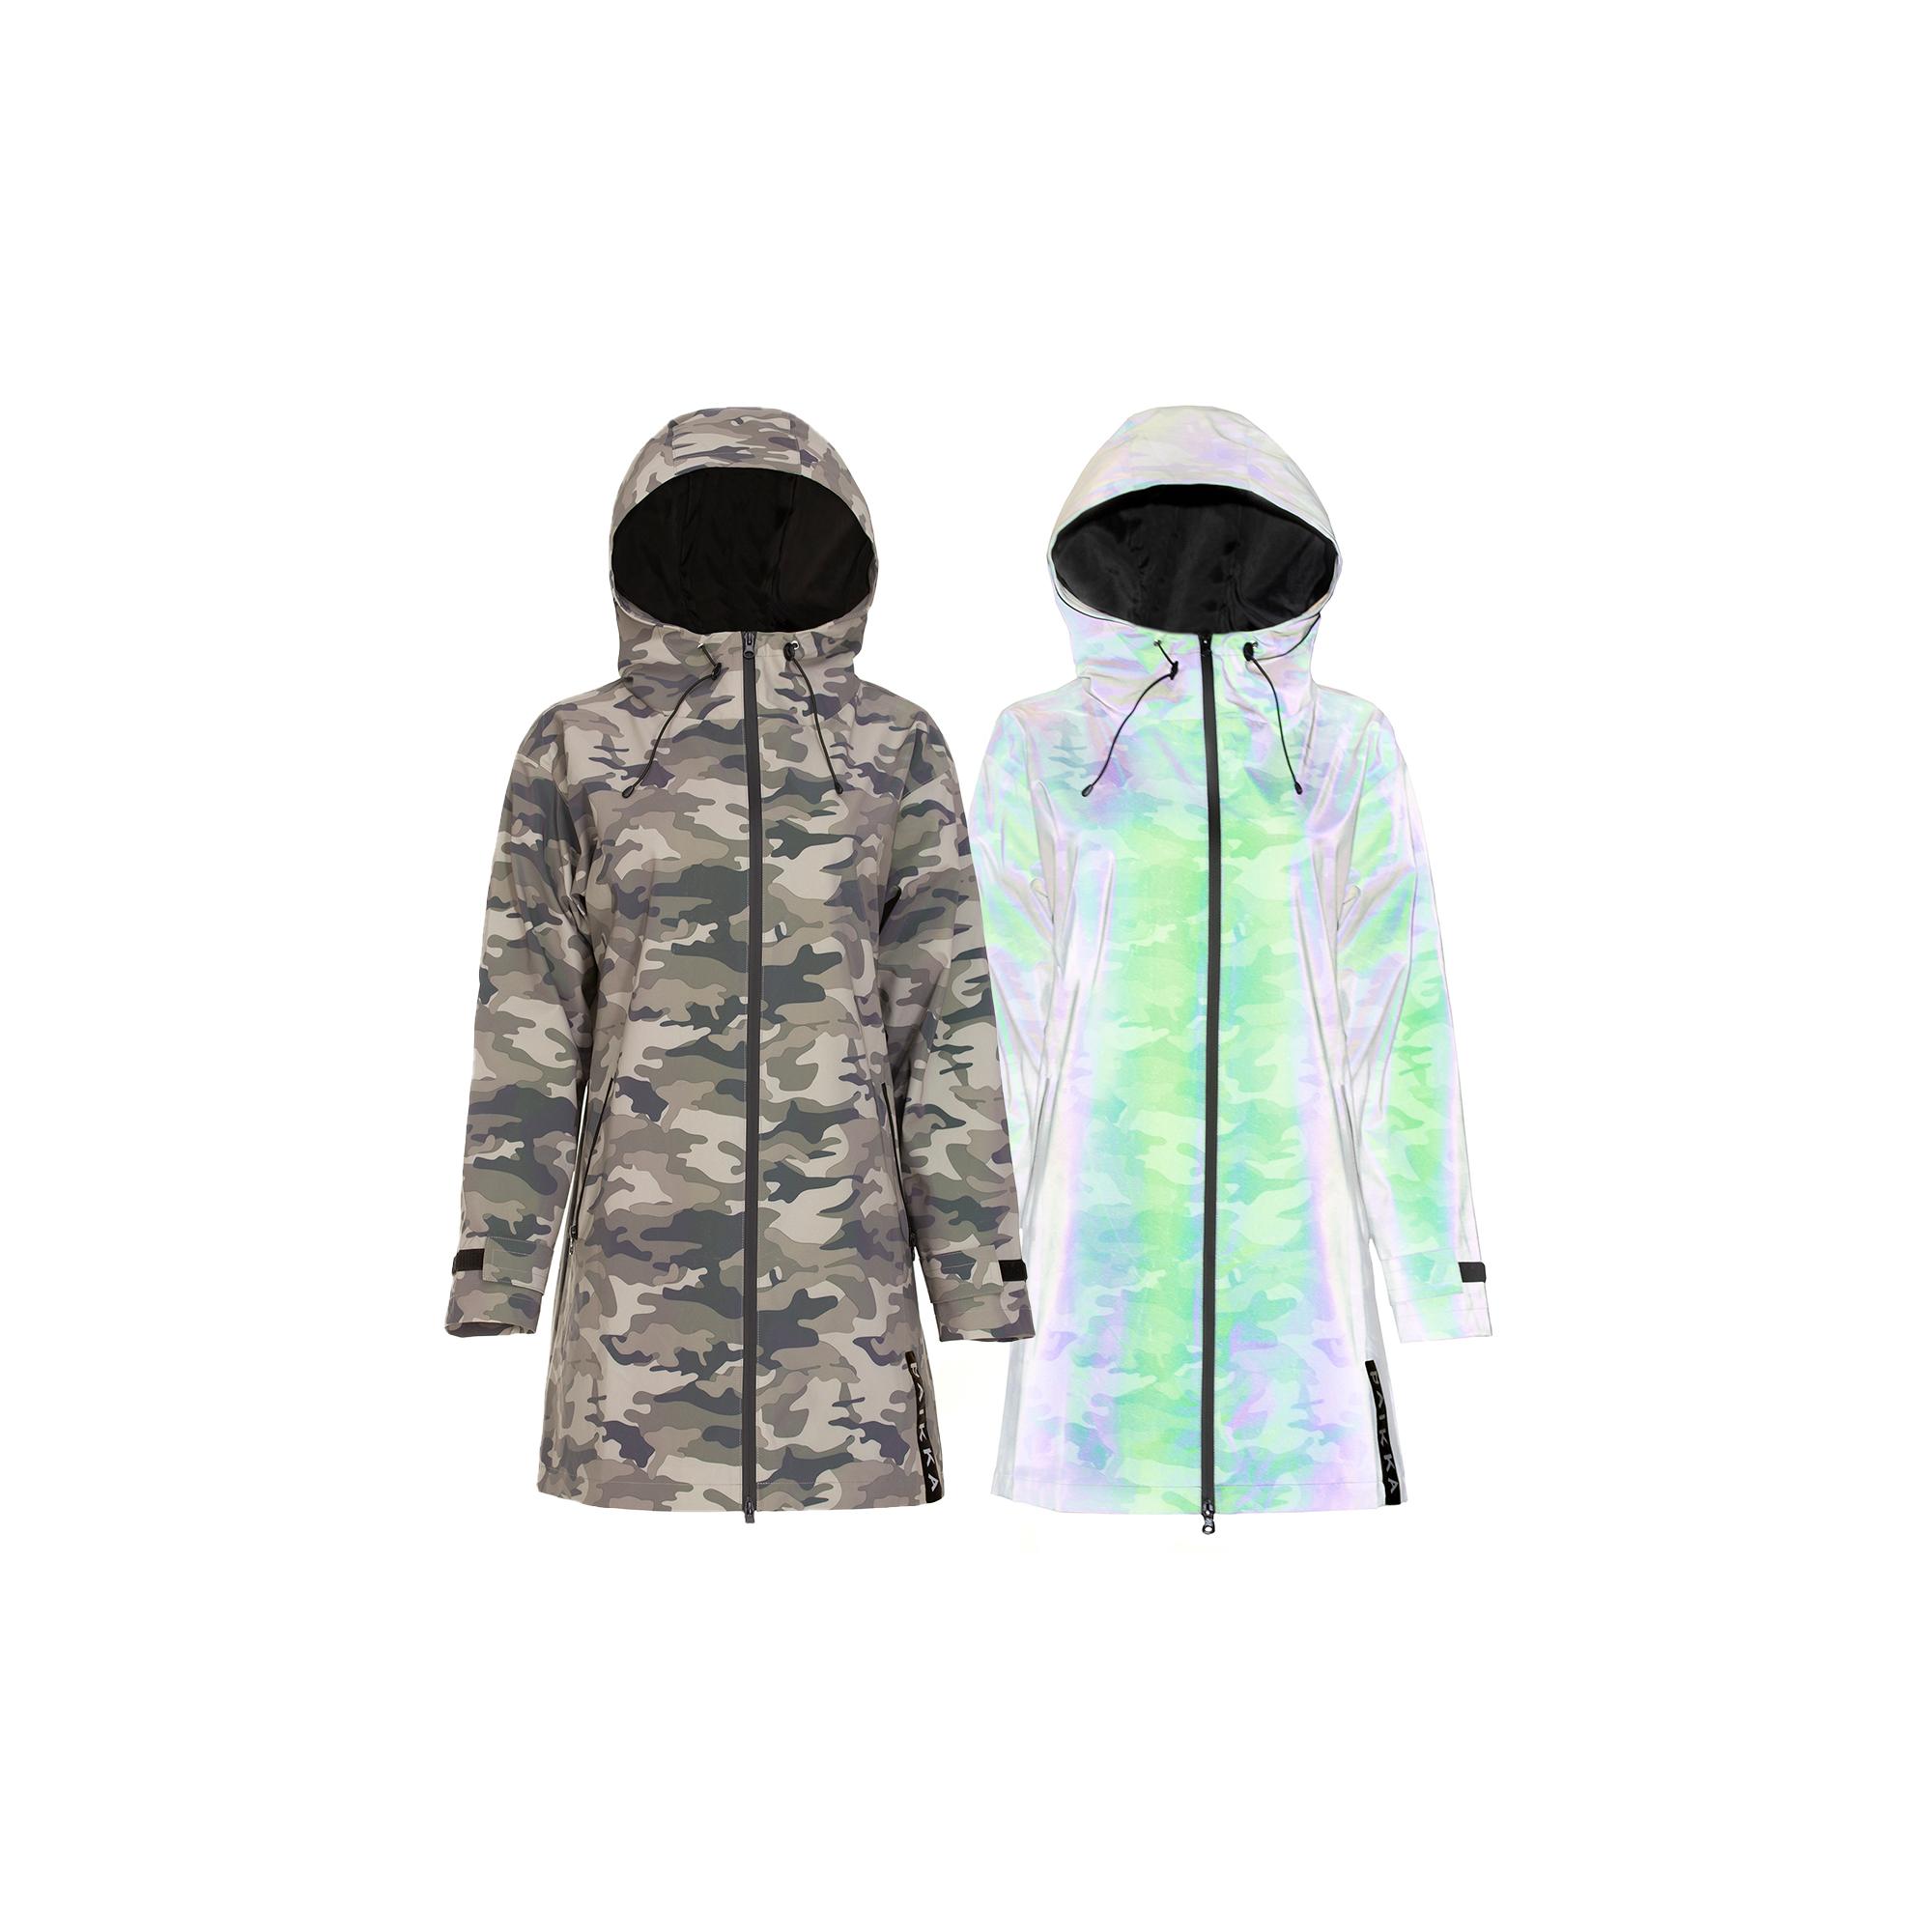 1095004_PAIKKA_Human_Visibility_Raincoat_camo_W_refl